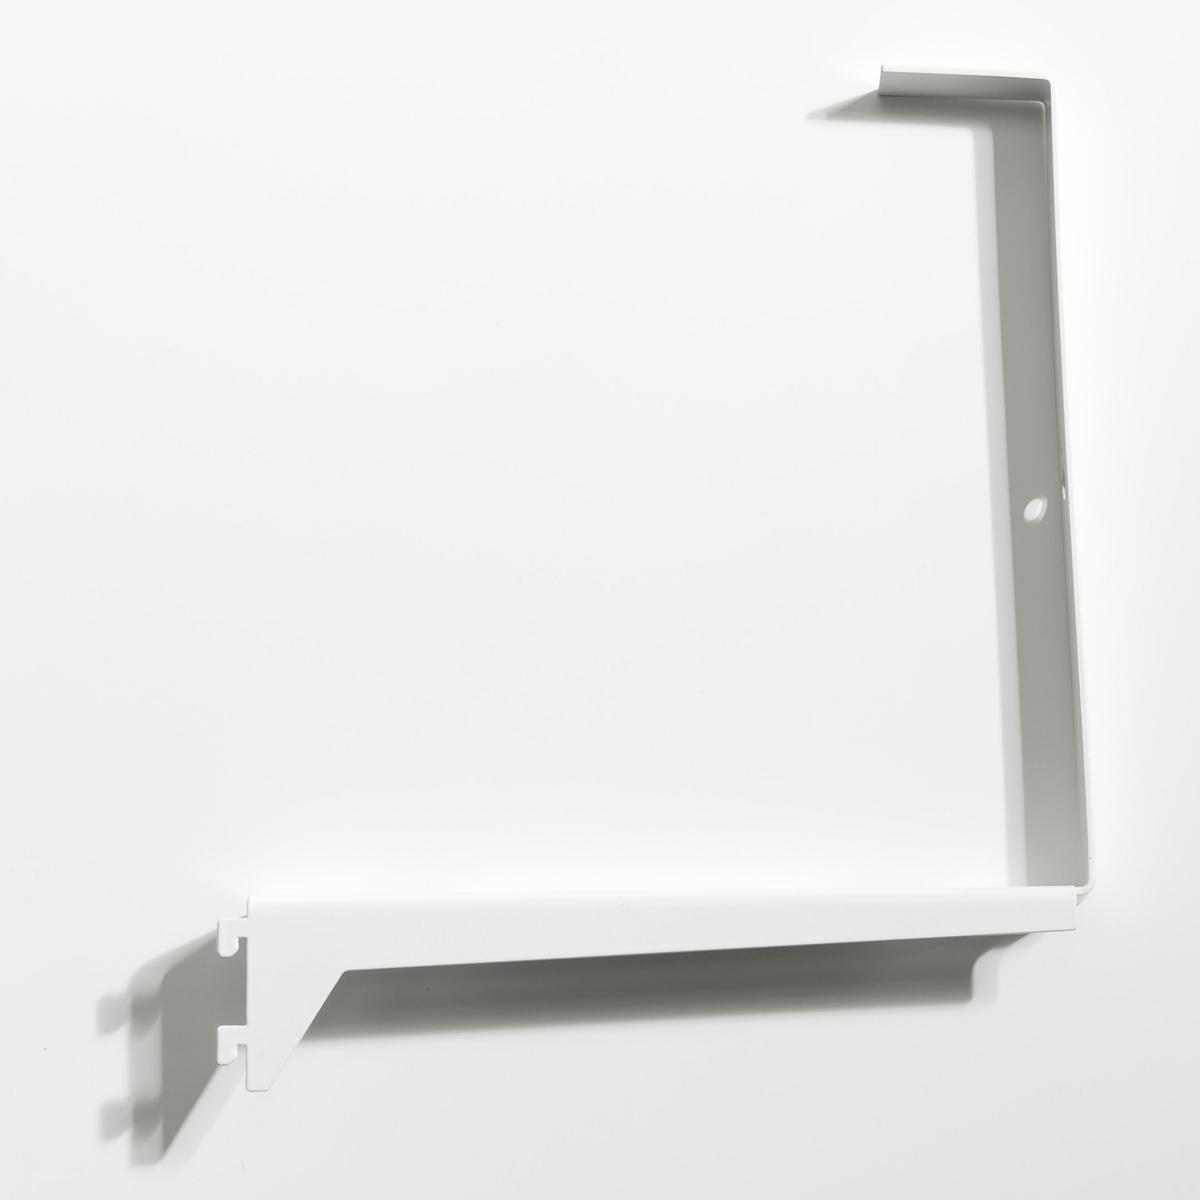 Уголковый кронштейн для ящиков Kyriel (2 шт)2 уголковых кронштейна из металла с эпоксидным покрытием для гардероба  Kyriel .Эти кронштейны необходимы для монтажа любого ящика .Позволяют регулировать высоту ящиков при желании .Крепится на стойки .Размеры кронштейна : Длина 22,1 x Ширина 27,9 x толщина 2,5 см .    Мебель для гардеробной Kyriel - это модулируемая при желании система, эстетичная и практичная, созданная для любых пространств и стилей  .<br><br>Цвет: черный